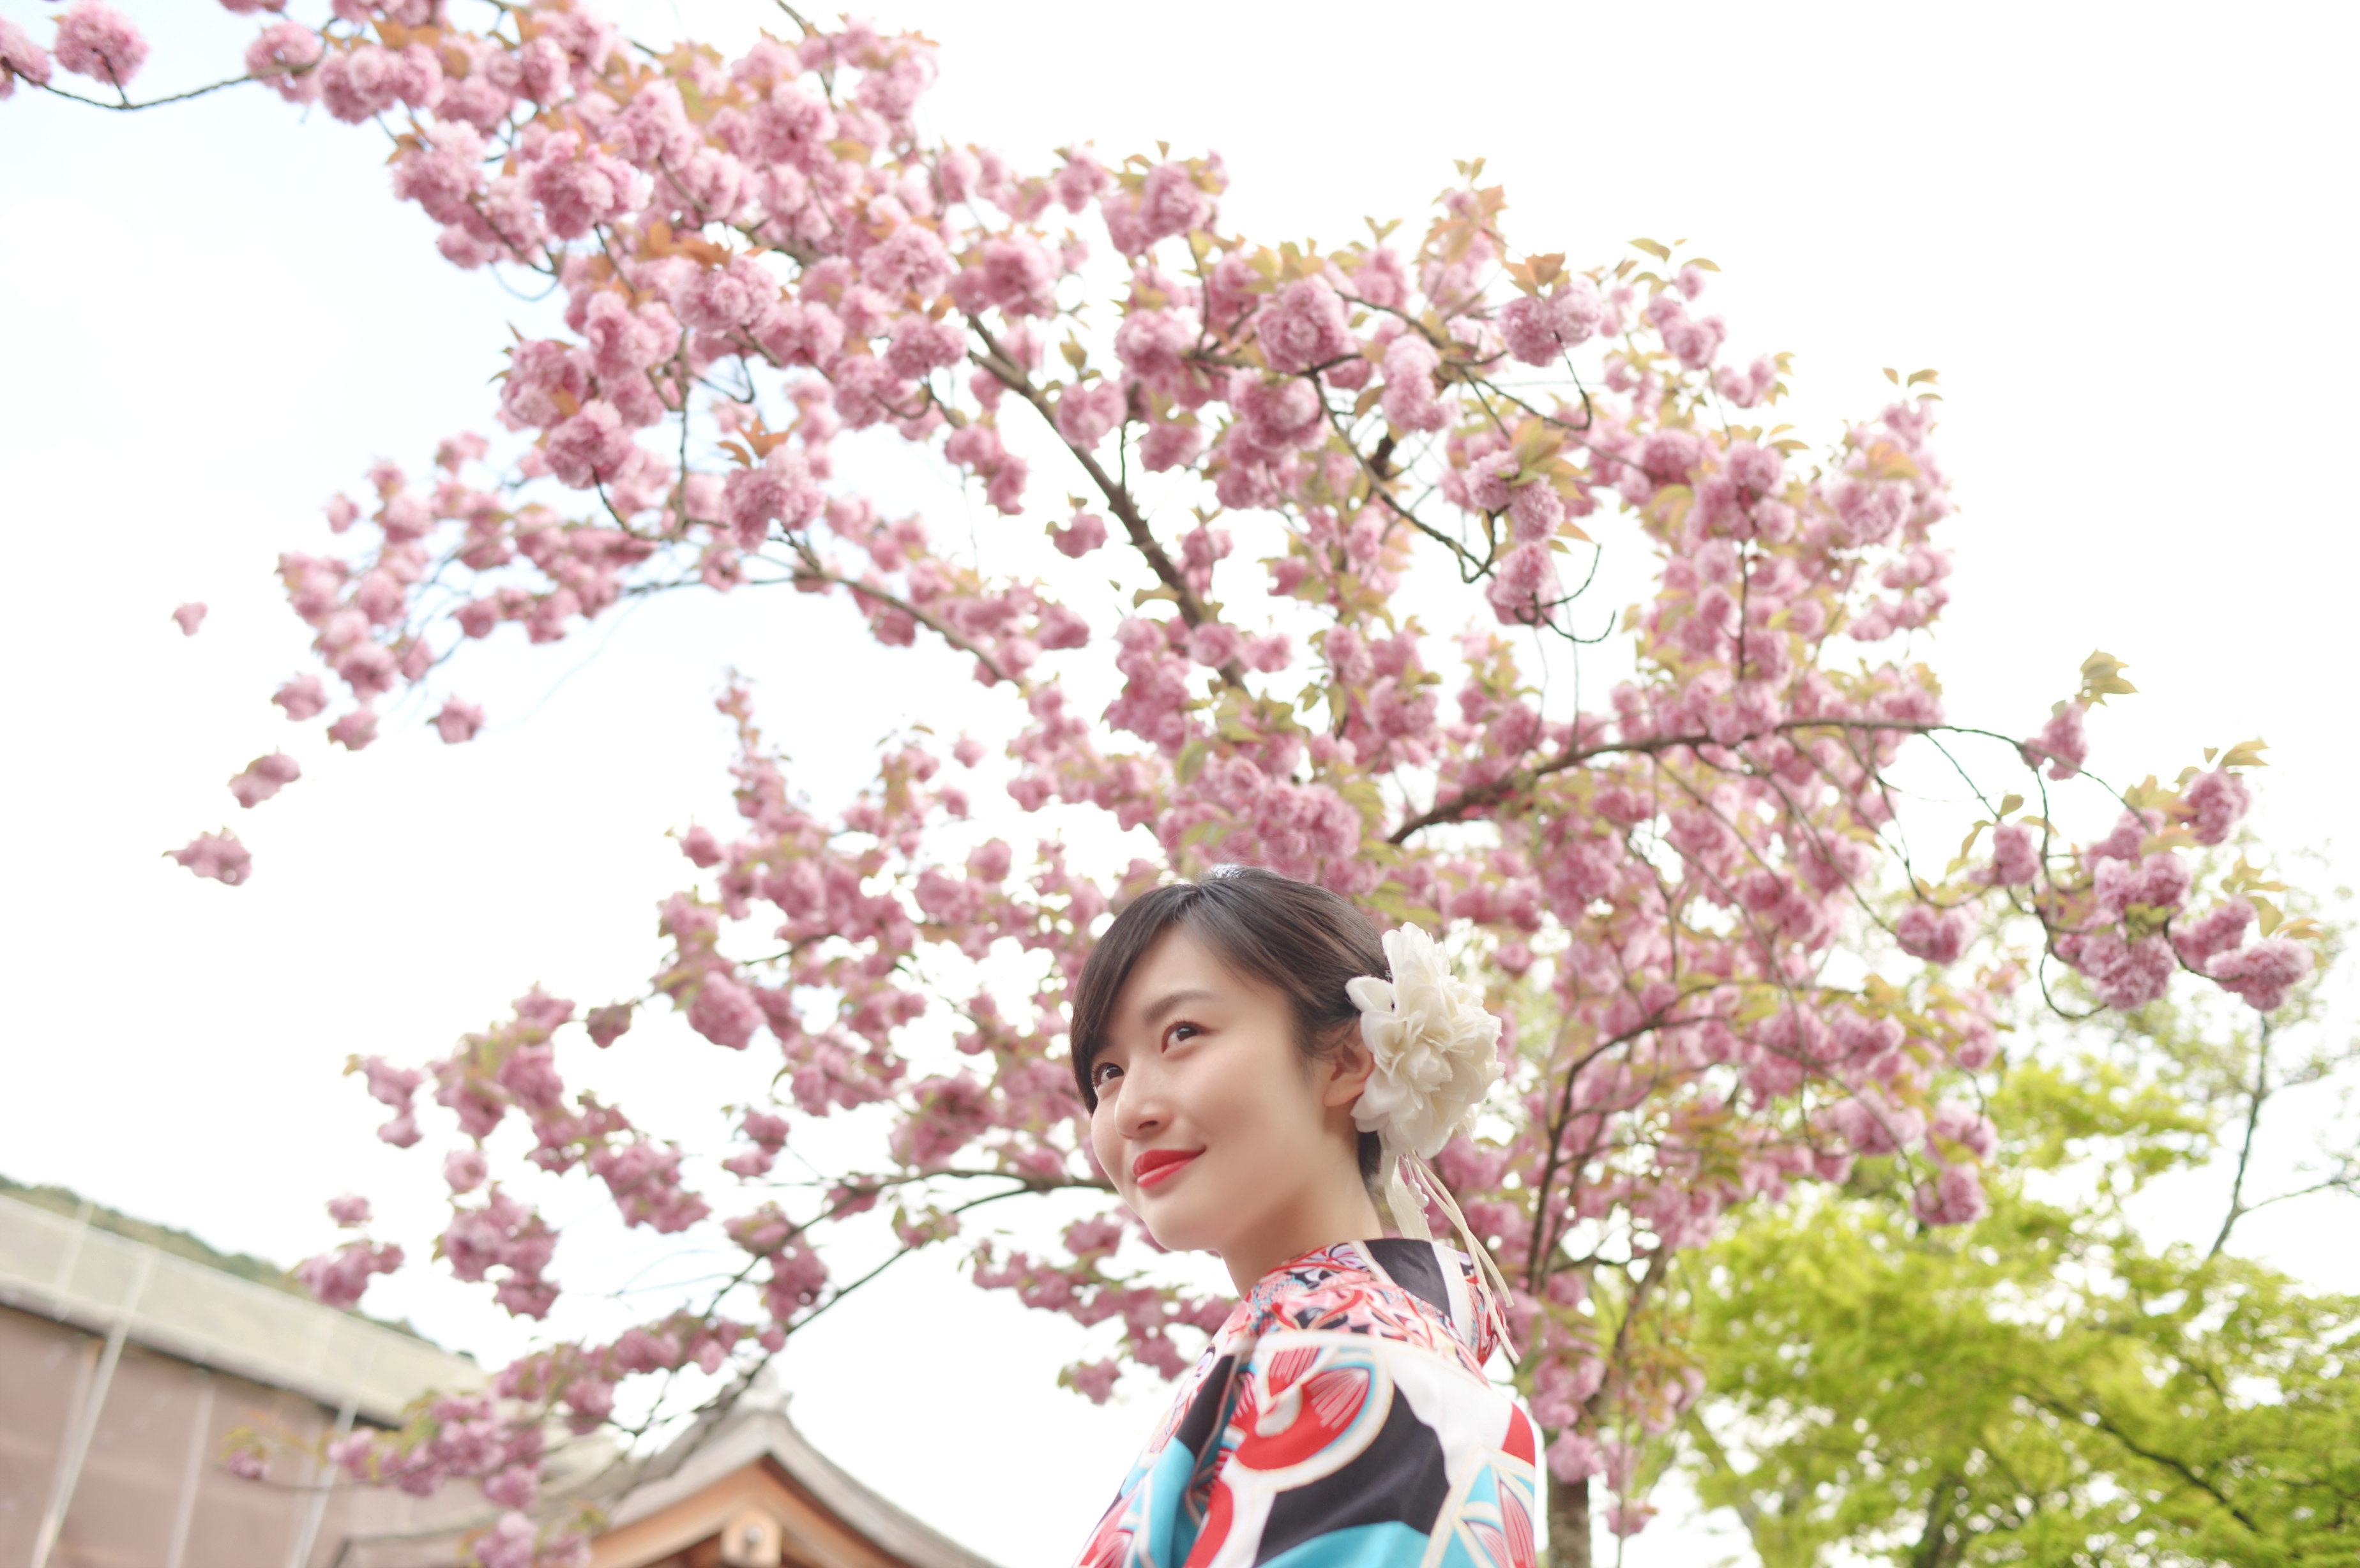 「侣行」环球旅行日本之名古屋,京都 - 名古屋游记攻略【携程攻略】